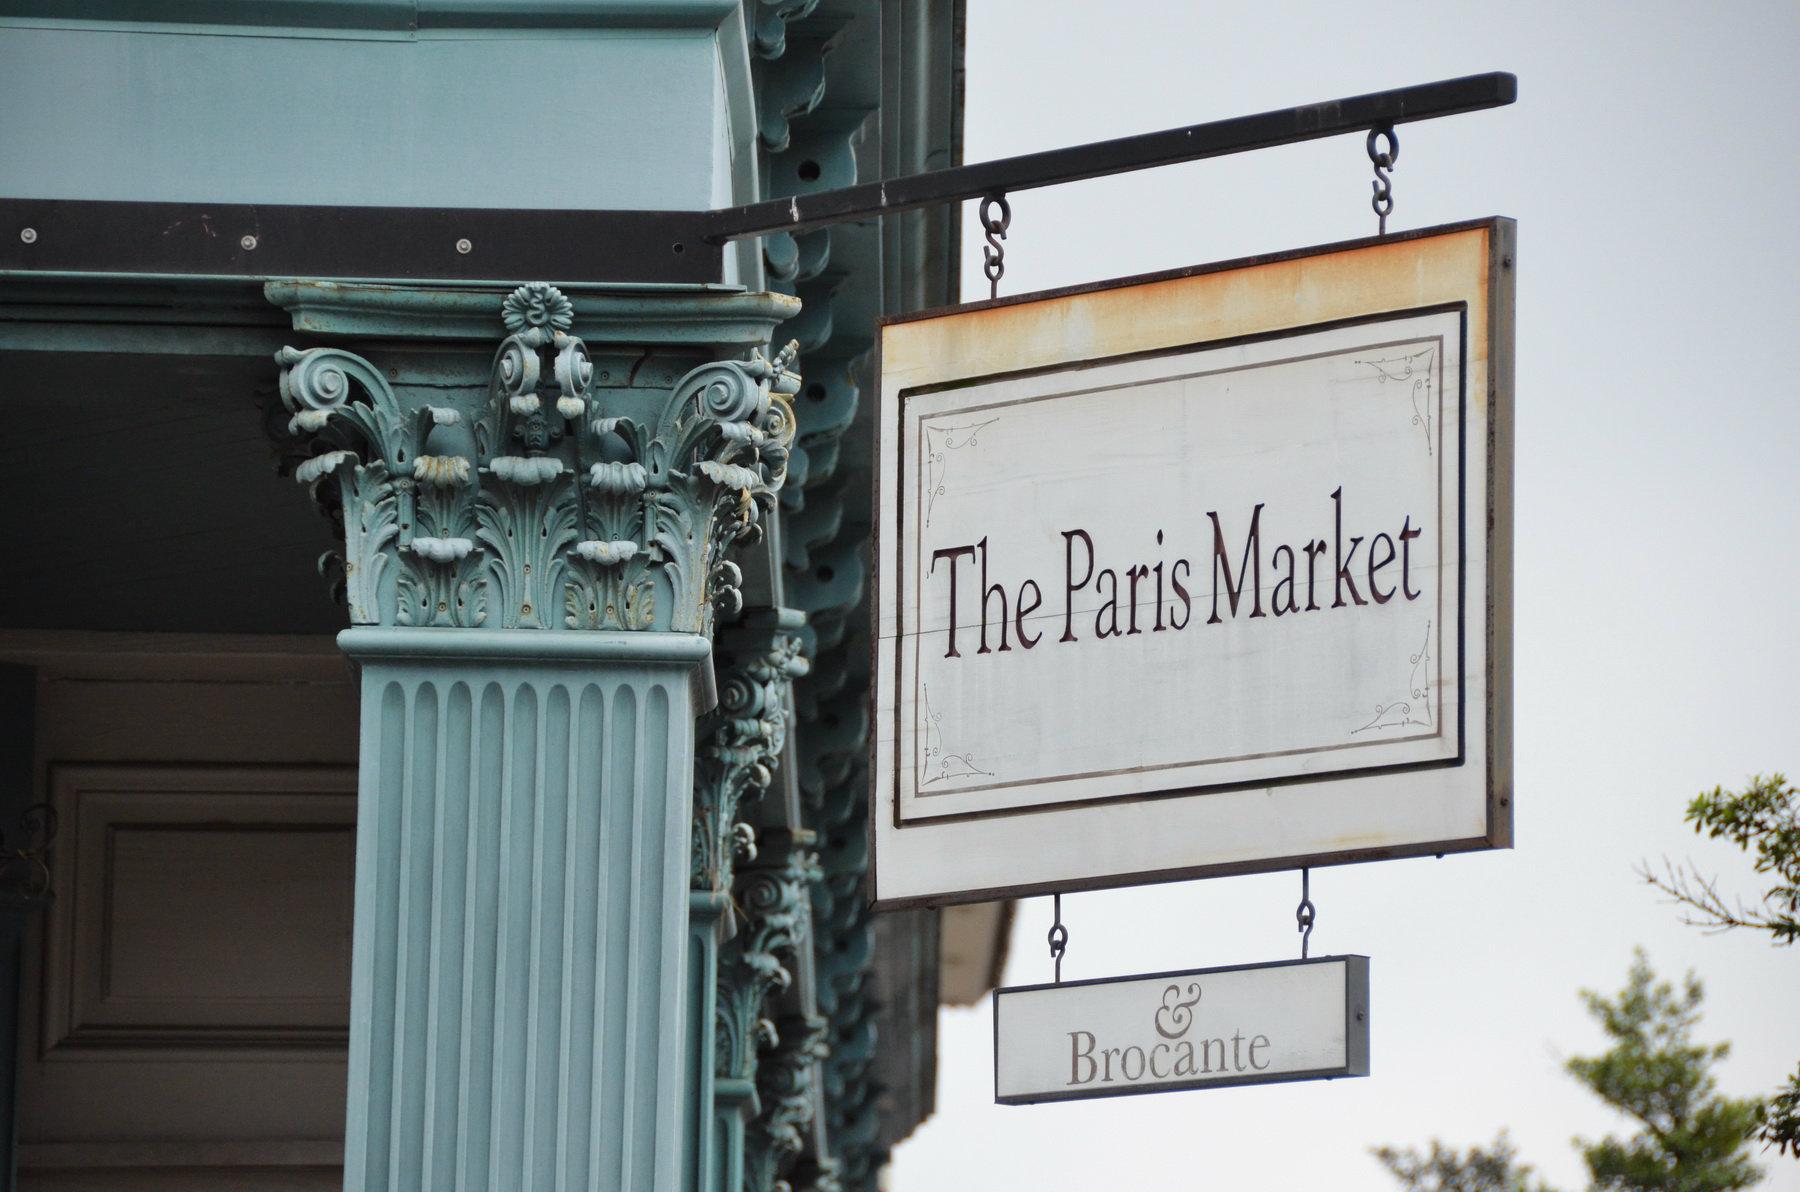 The Paris Market